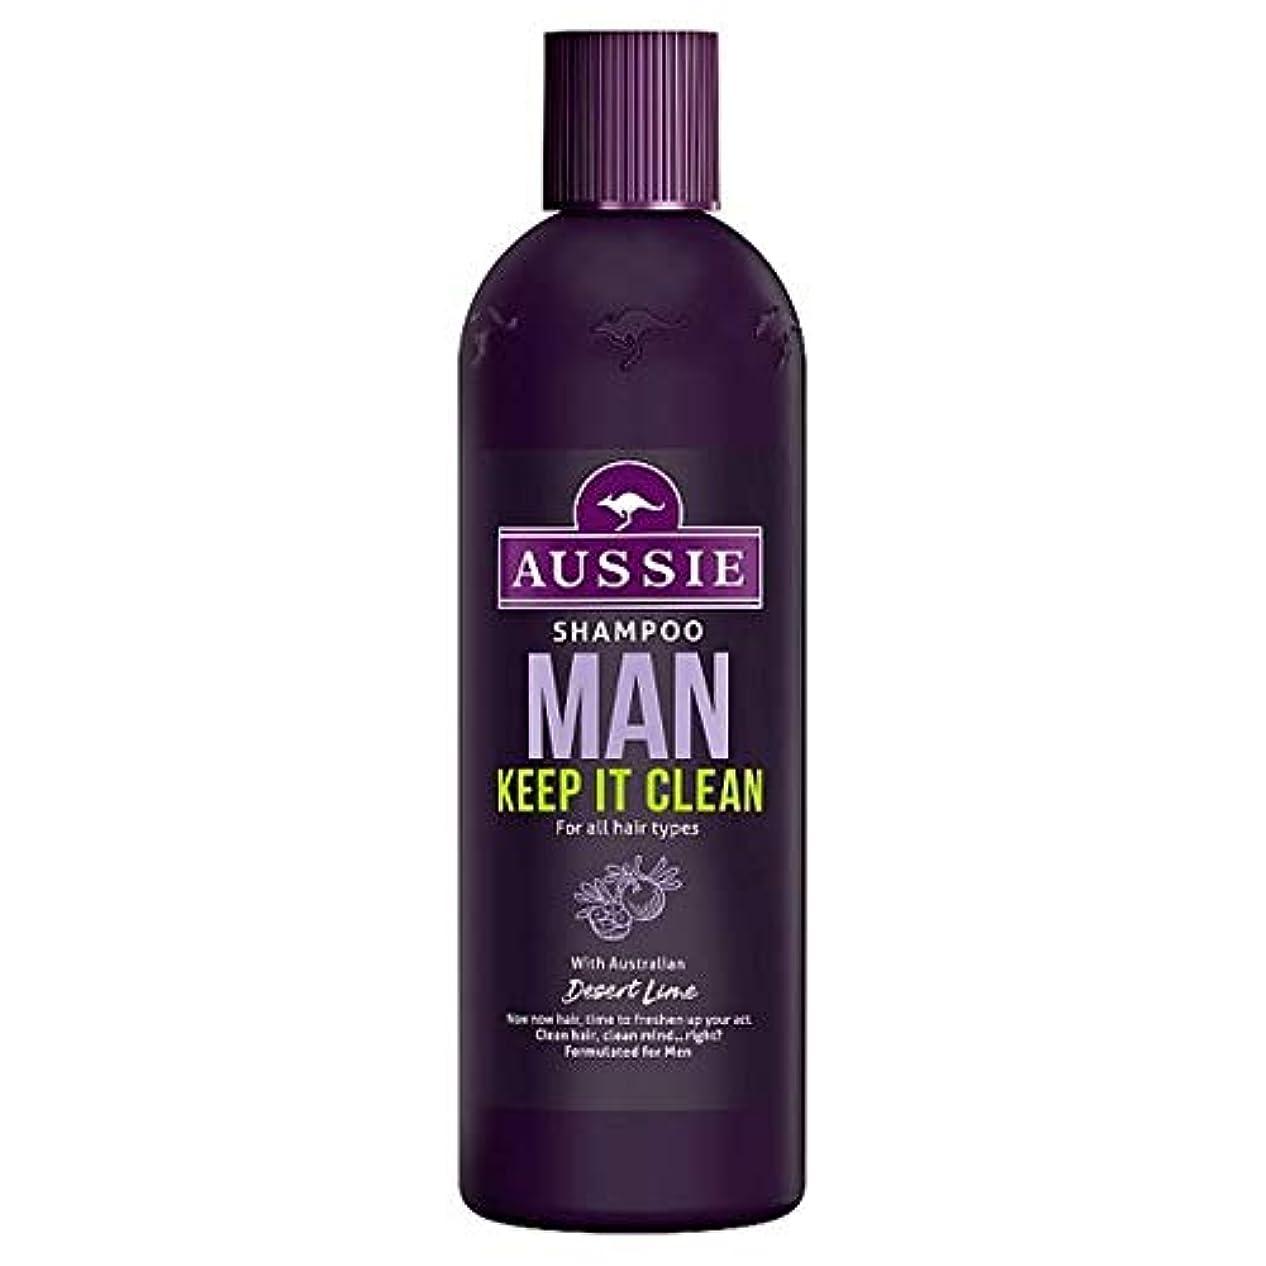 コショウしないでください回復[Aussie] オージー男はそれきれいなシャンプー300ミリリットル保ちます - Aussie Man Keep It Clean Shampoo 300Ml [並行輸入品]